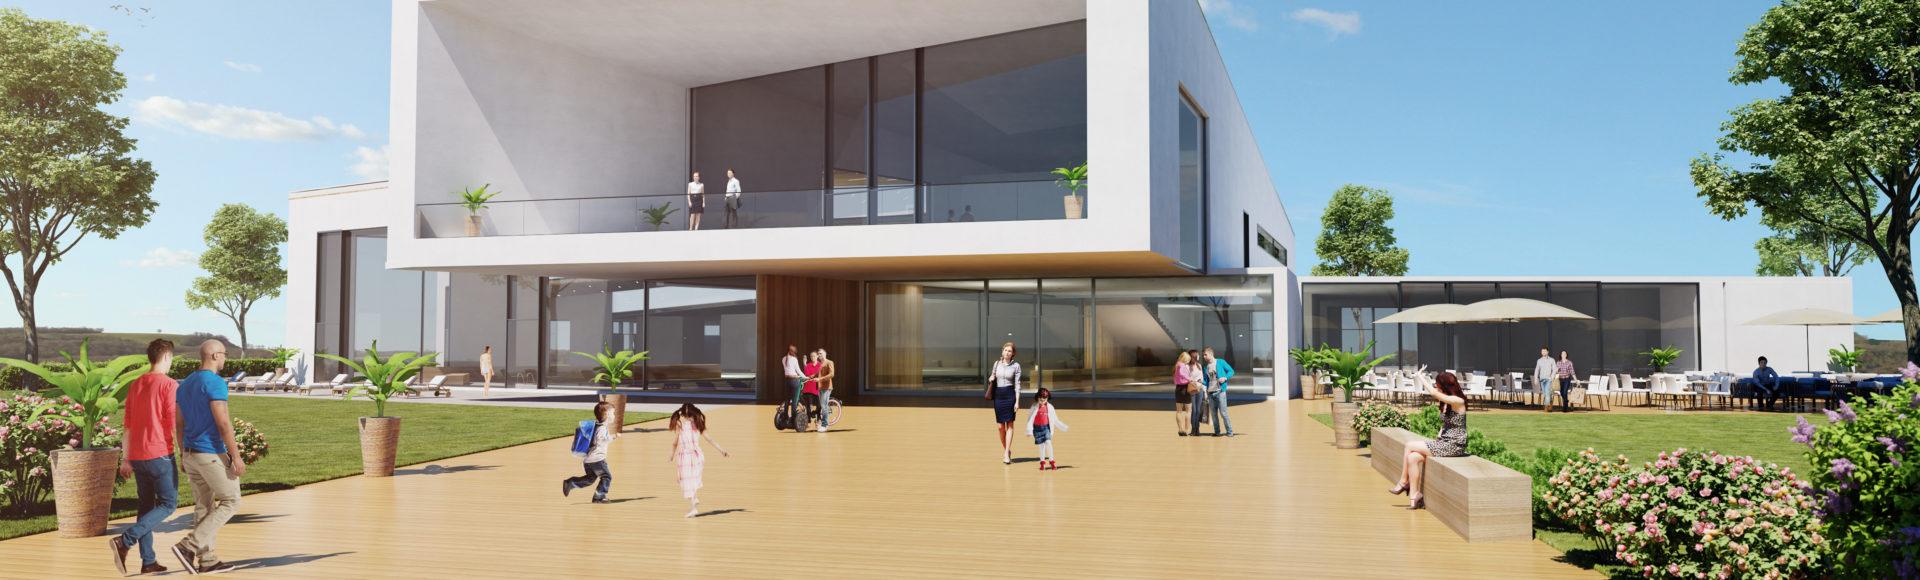 visuel 3D d'une piscine pour un courcours d'architecture